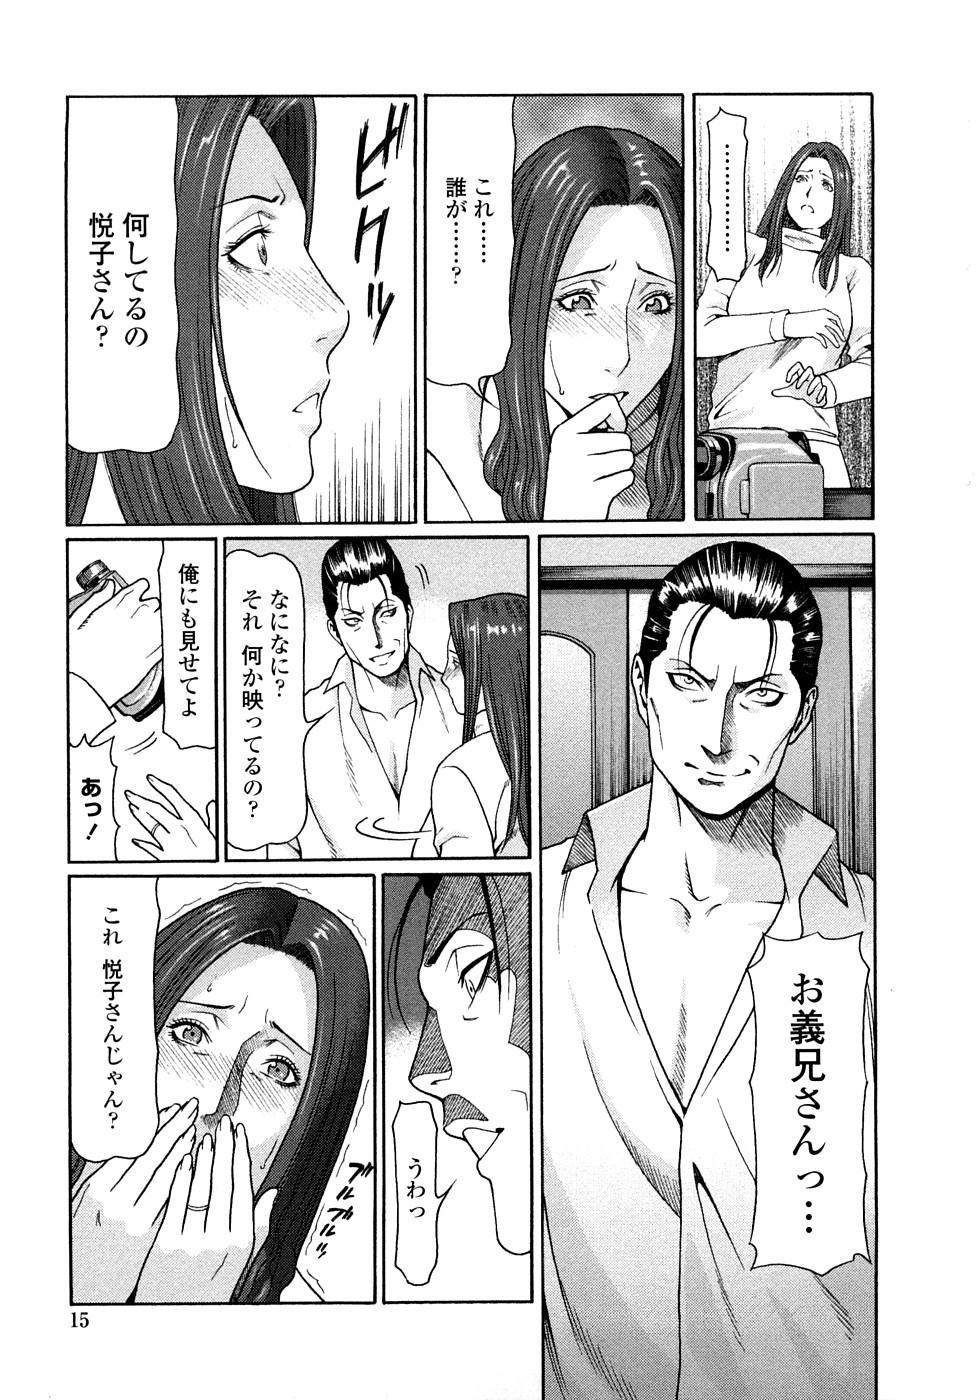 Etsuraku no Tobira - The Door of Sexual Pleasure 13